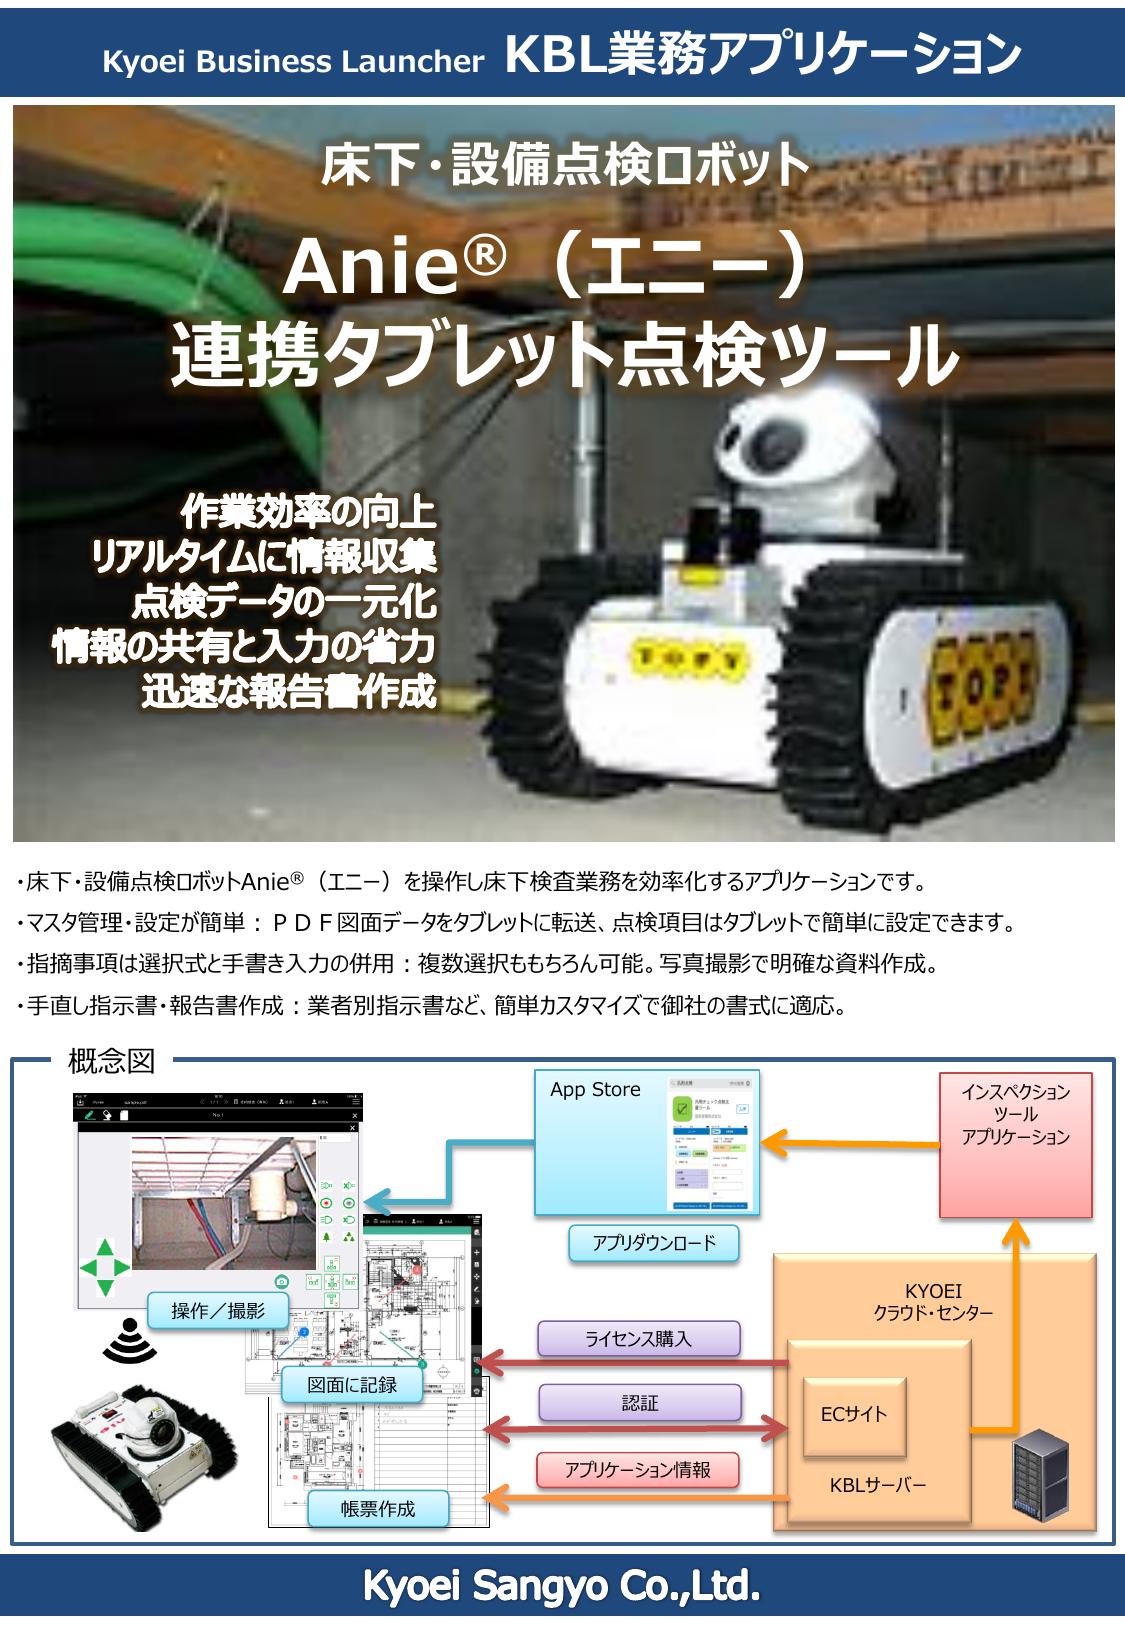 床下点検ロボットシステム